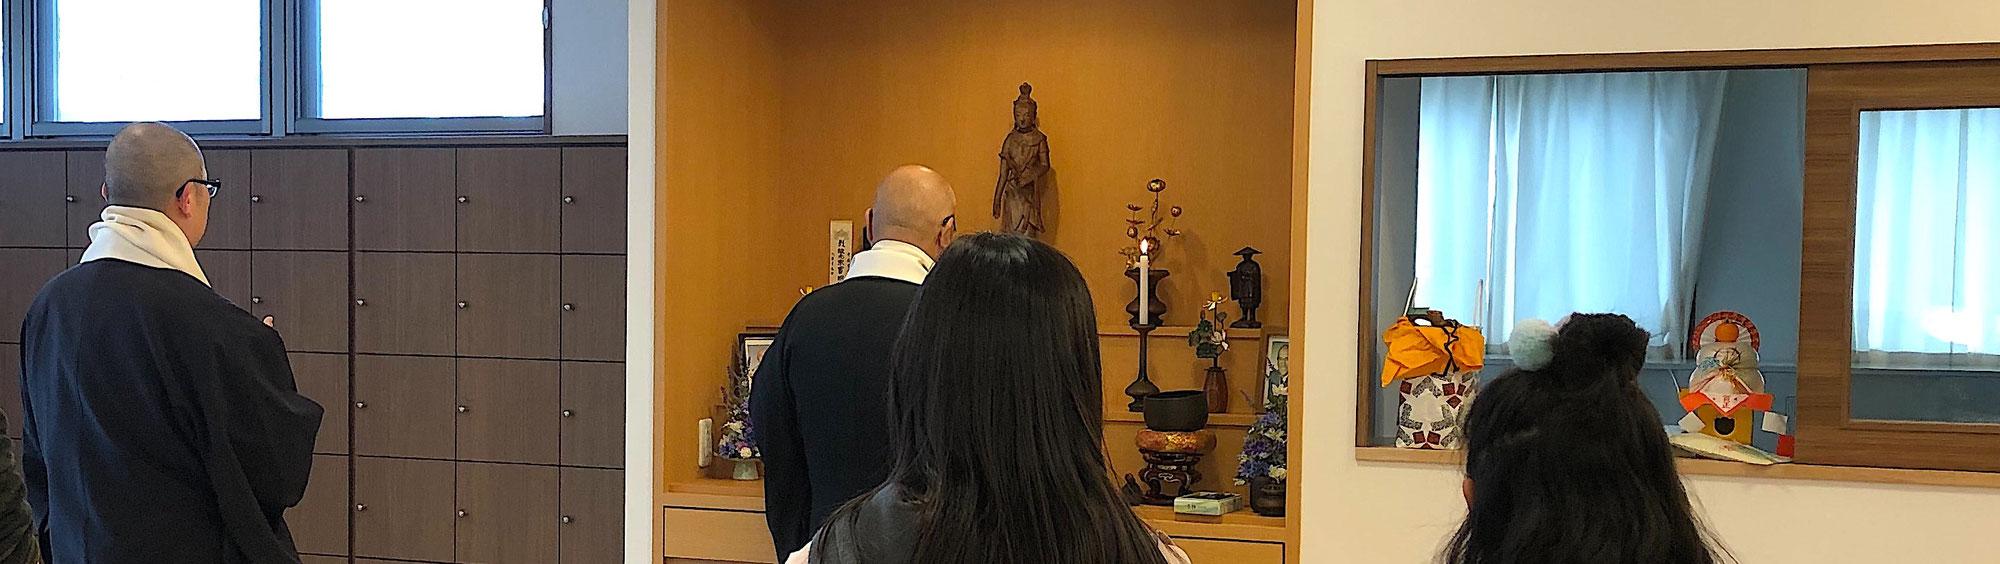 『仏壇開眼供養』の儀式が執り行われました